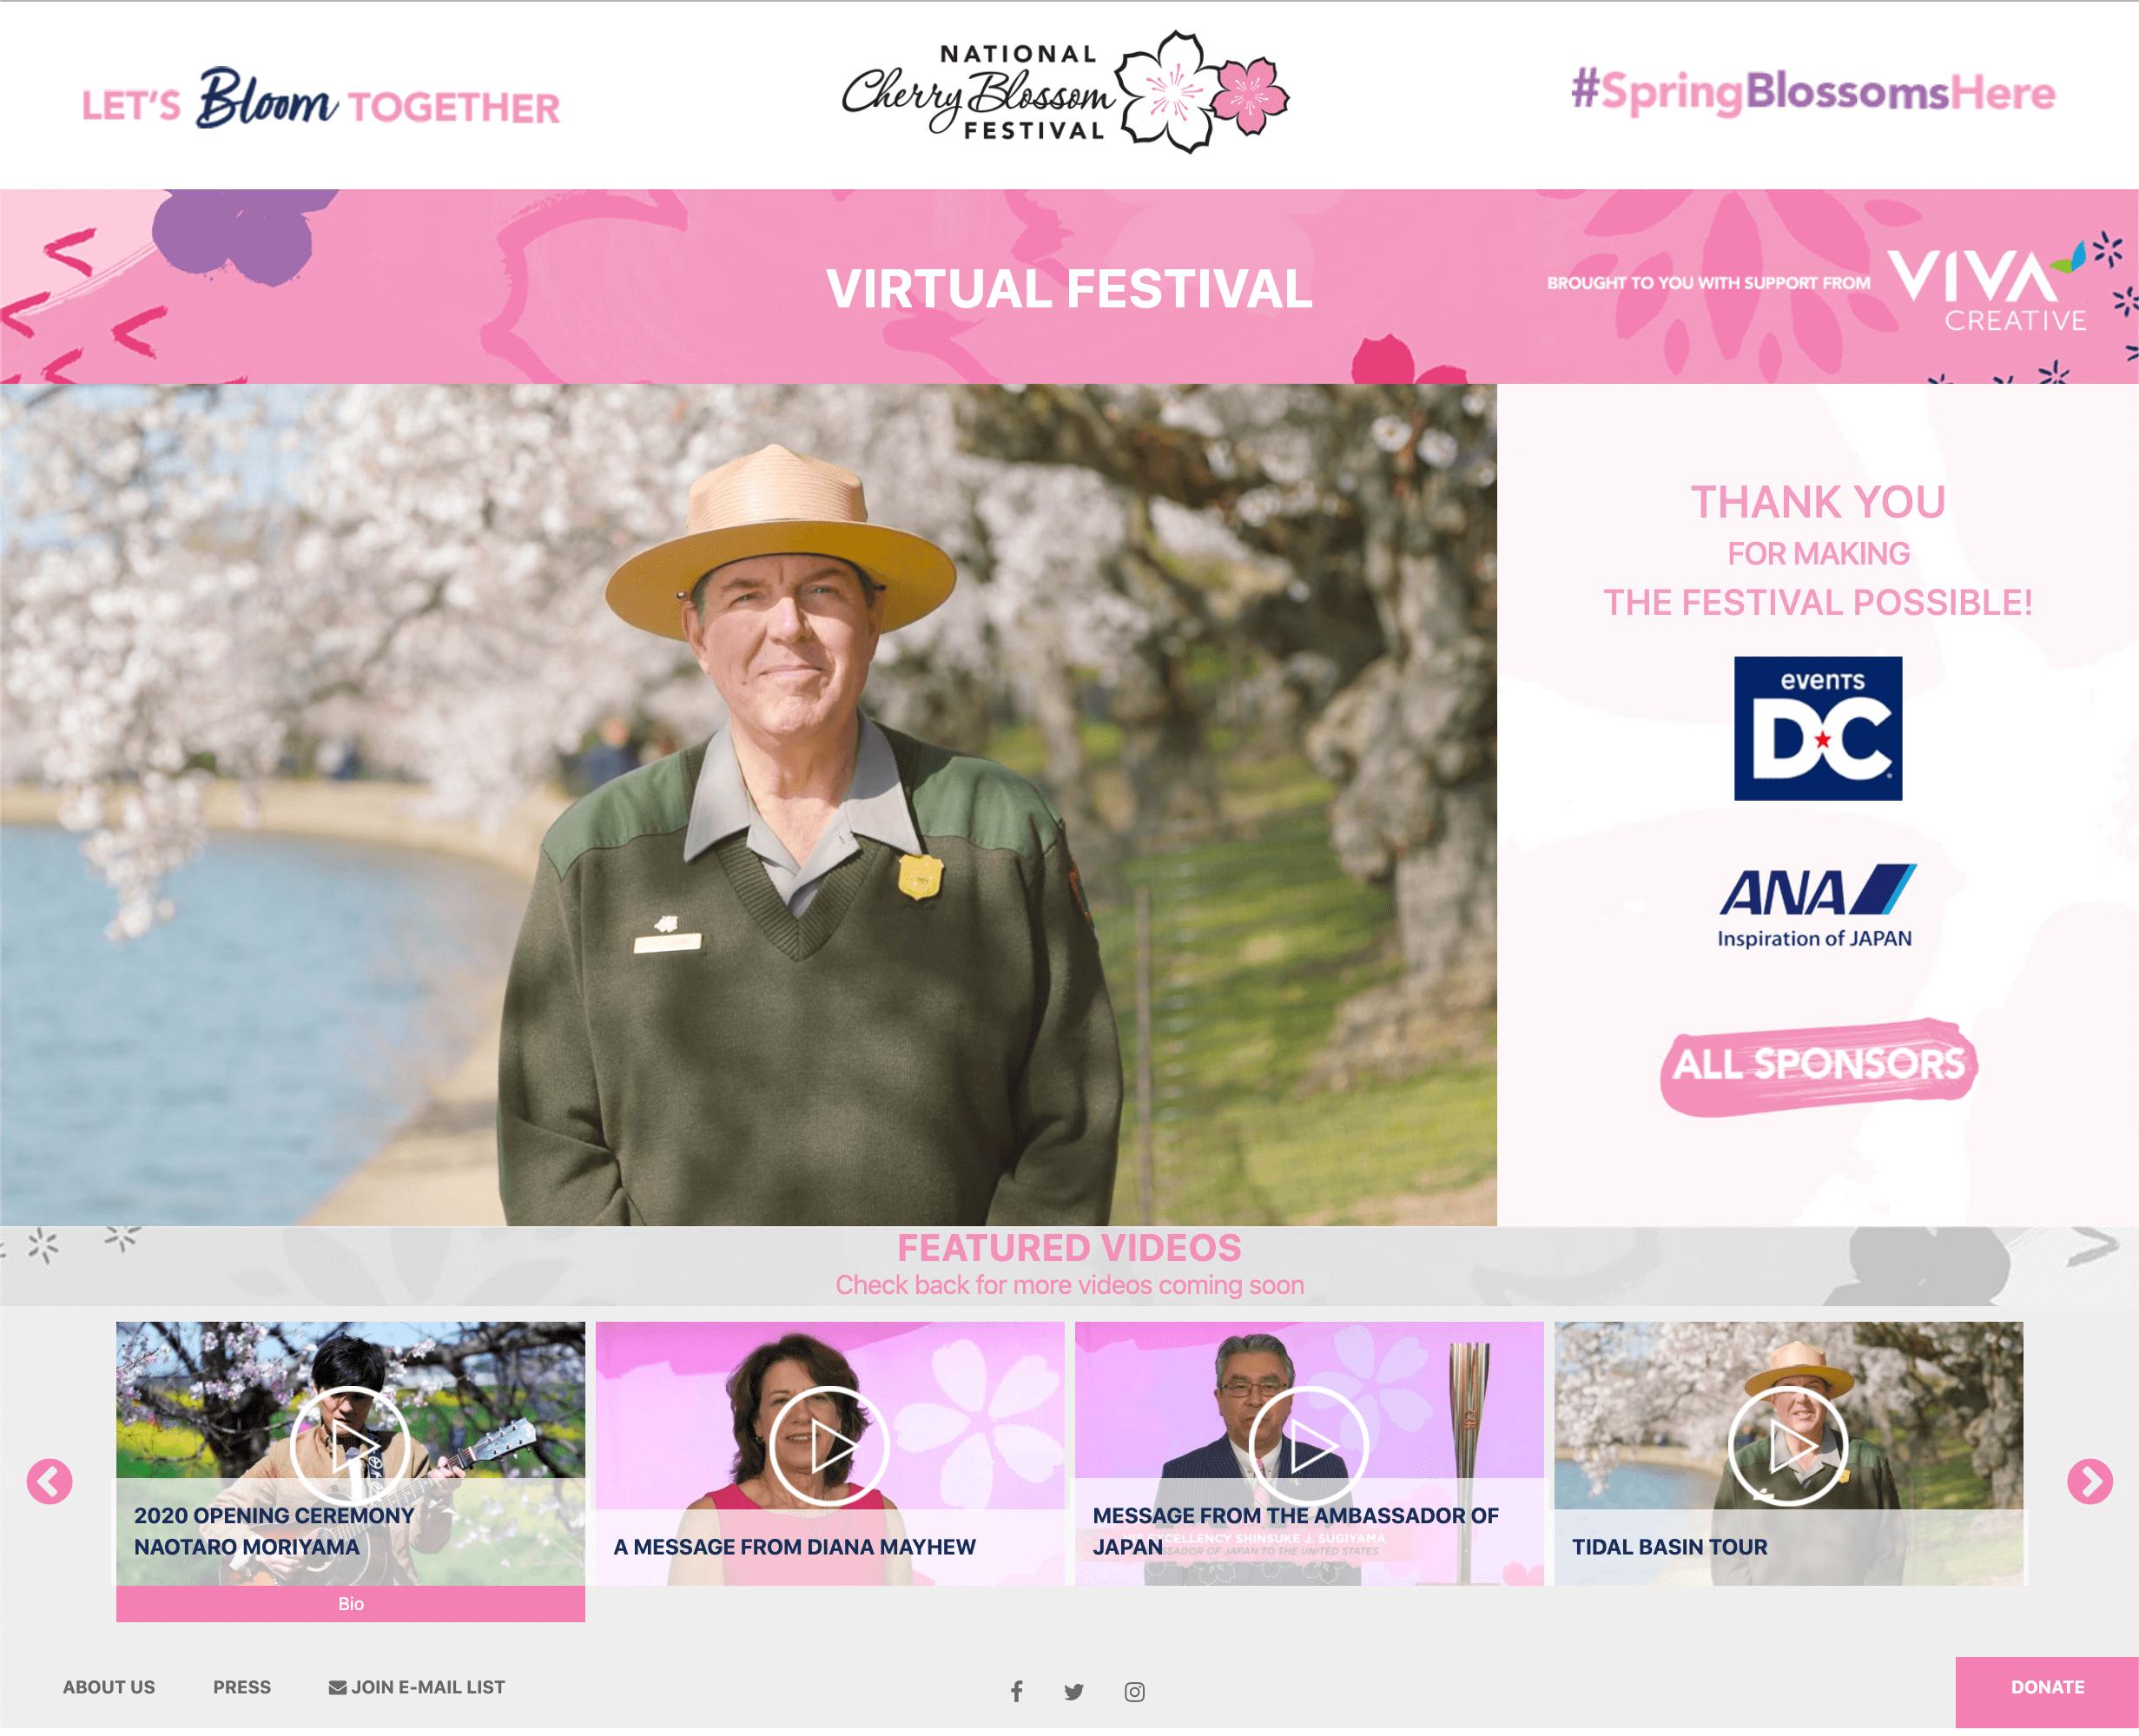 Custom designed microsite for National Cherry Blossom Festival